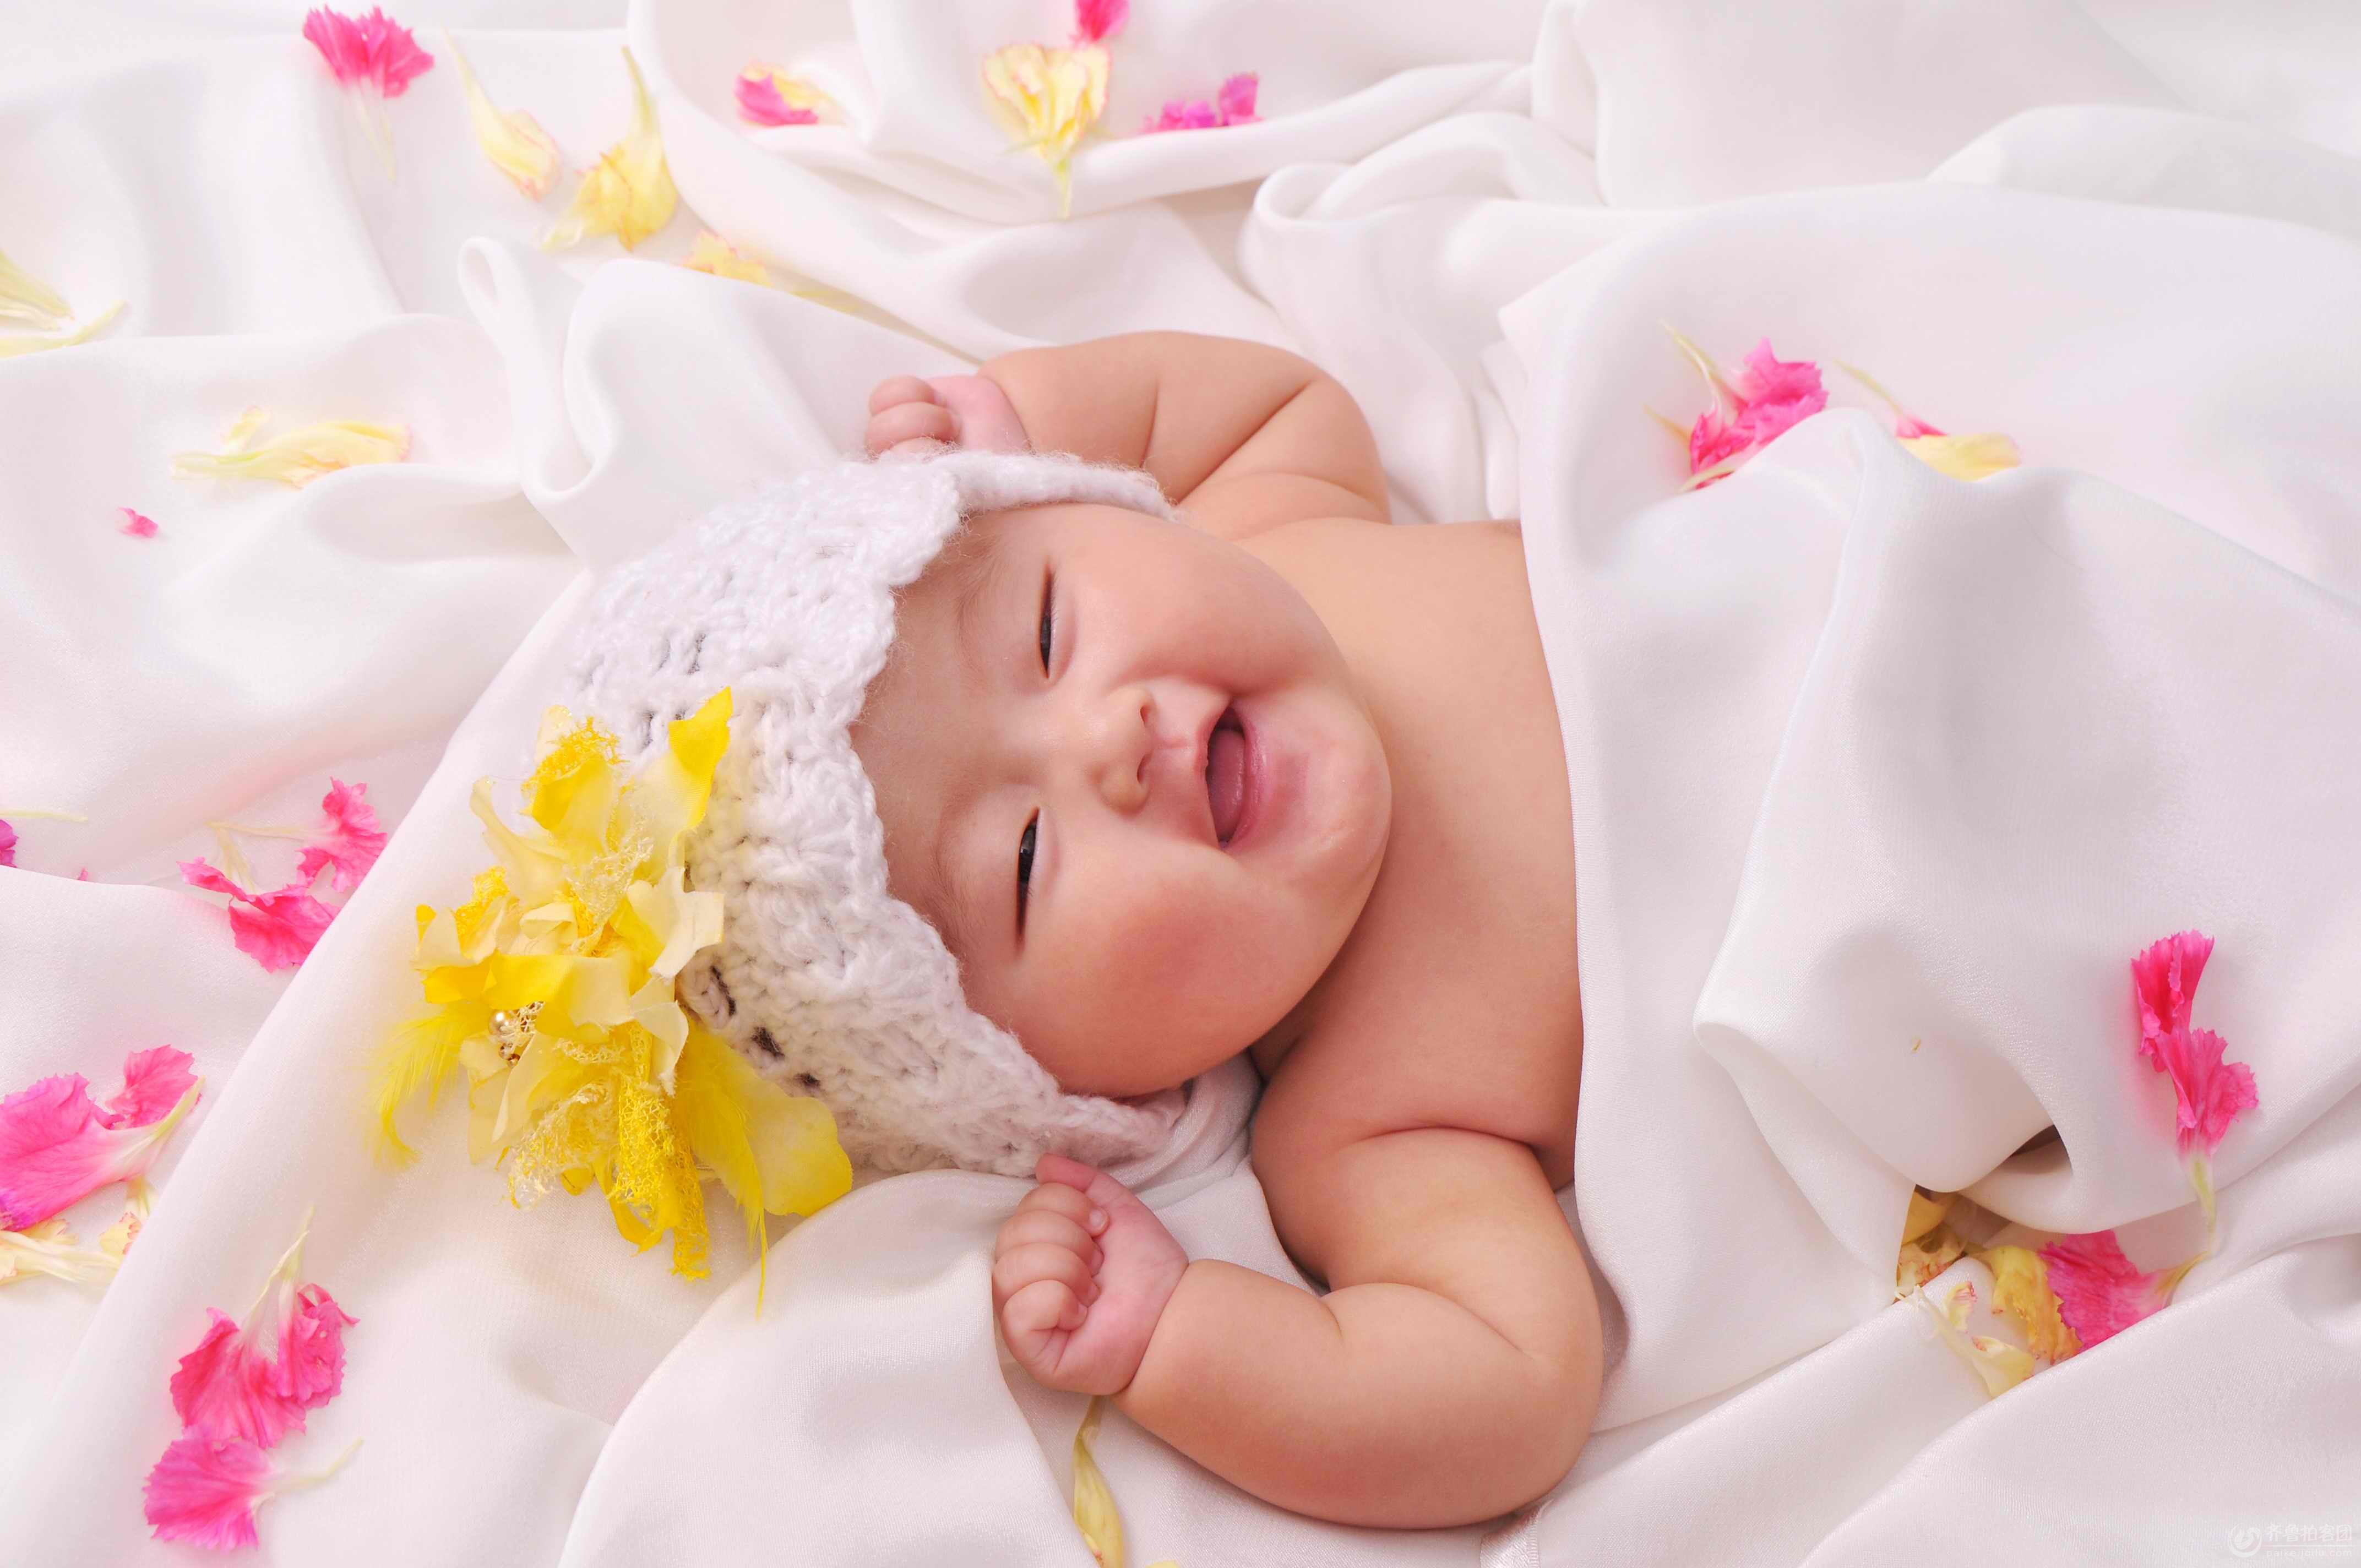 宝宝 壁纸 孩子 小孩 婴儿 4288_2848